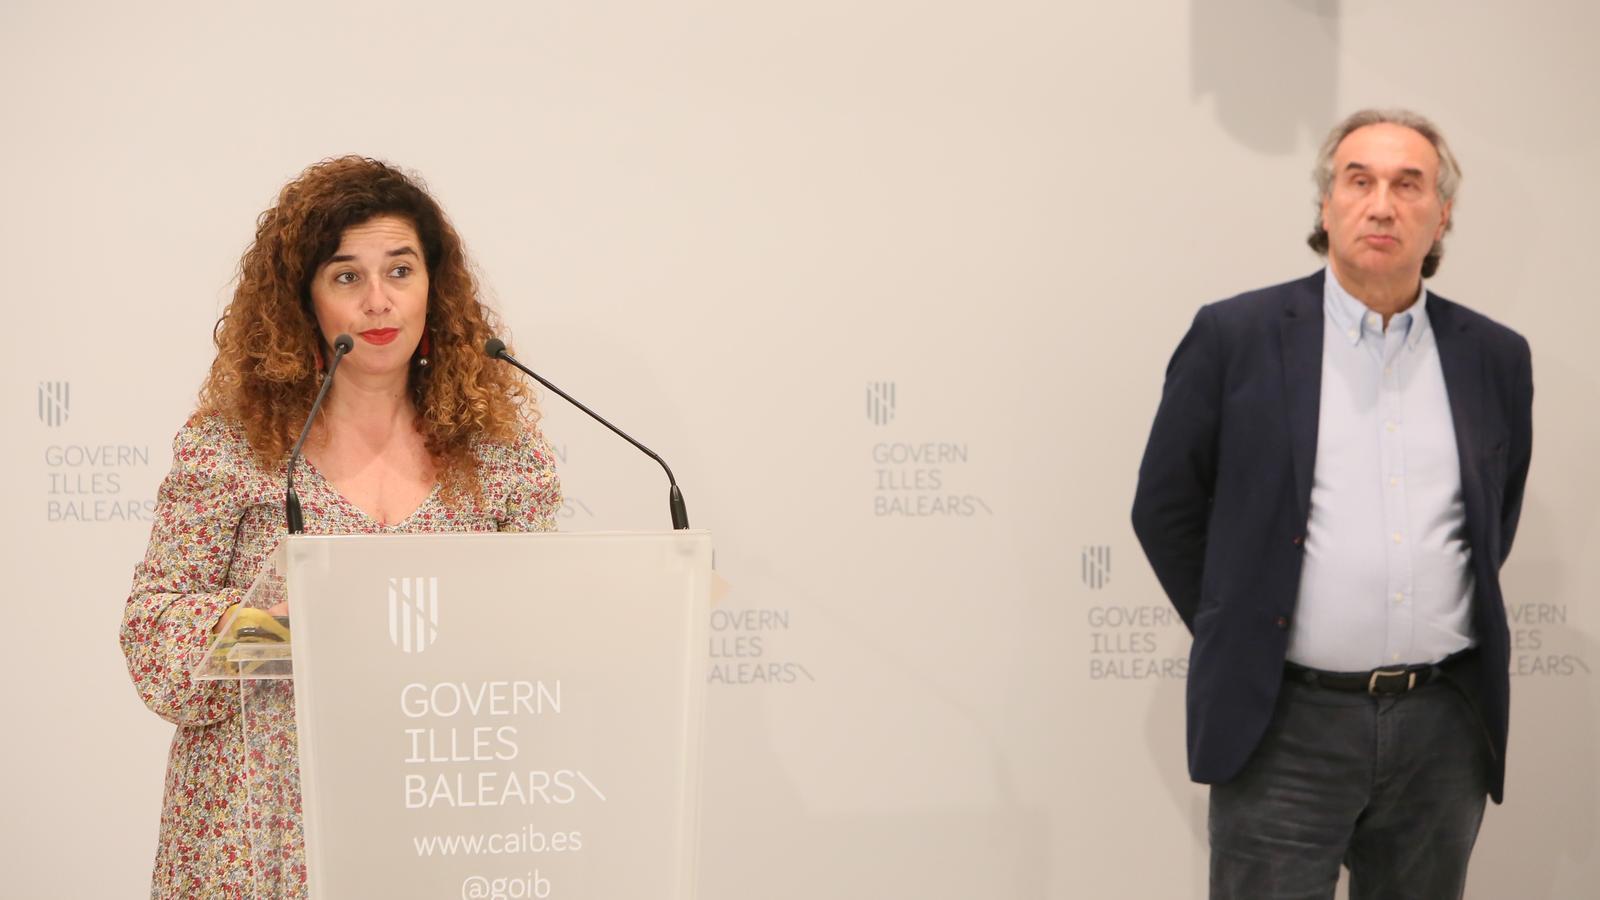 La consellera de Presidència, Pilar Costa, i el conseller d'Educació, Martí March